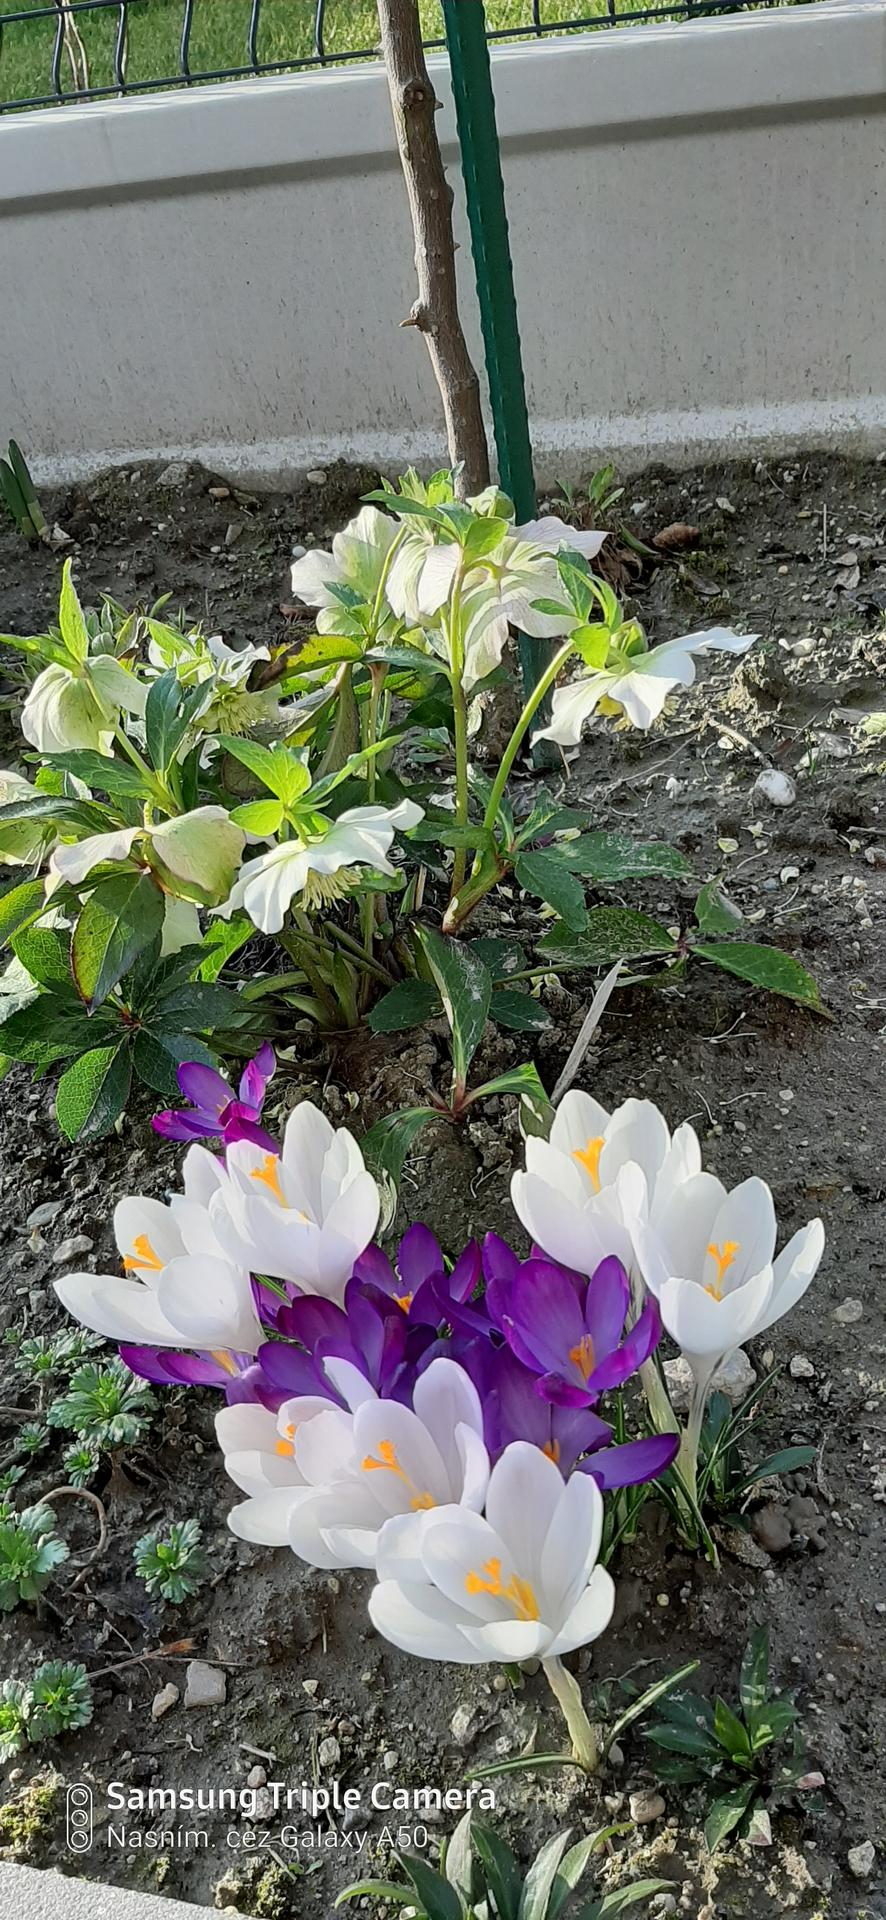 🏠🌞🌺❤🌷 Zahrada a jej dalsi rok...2020 🌱🐞🐛🦋🍓🥕🍅🌺❤ - Slniecko ich otvorilo 🌸